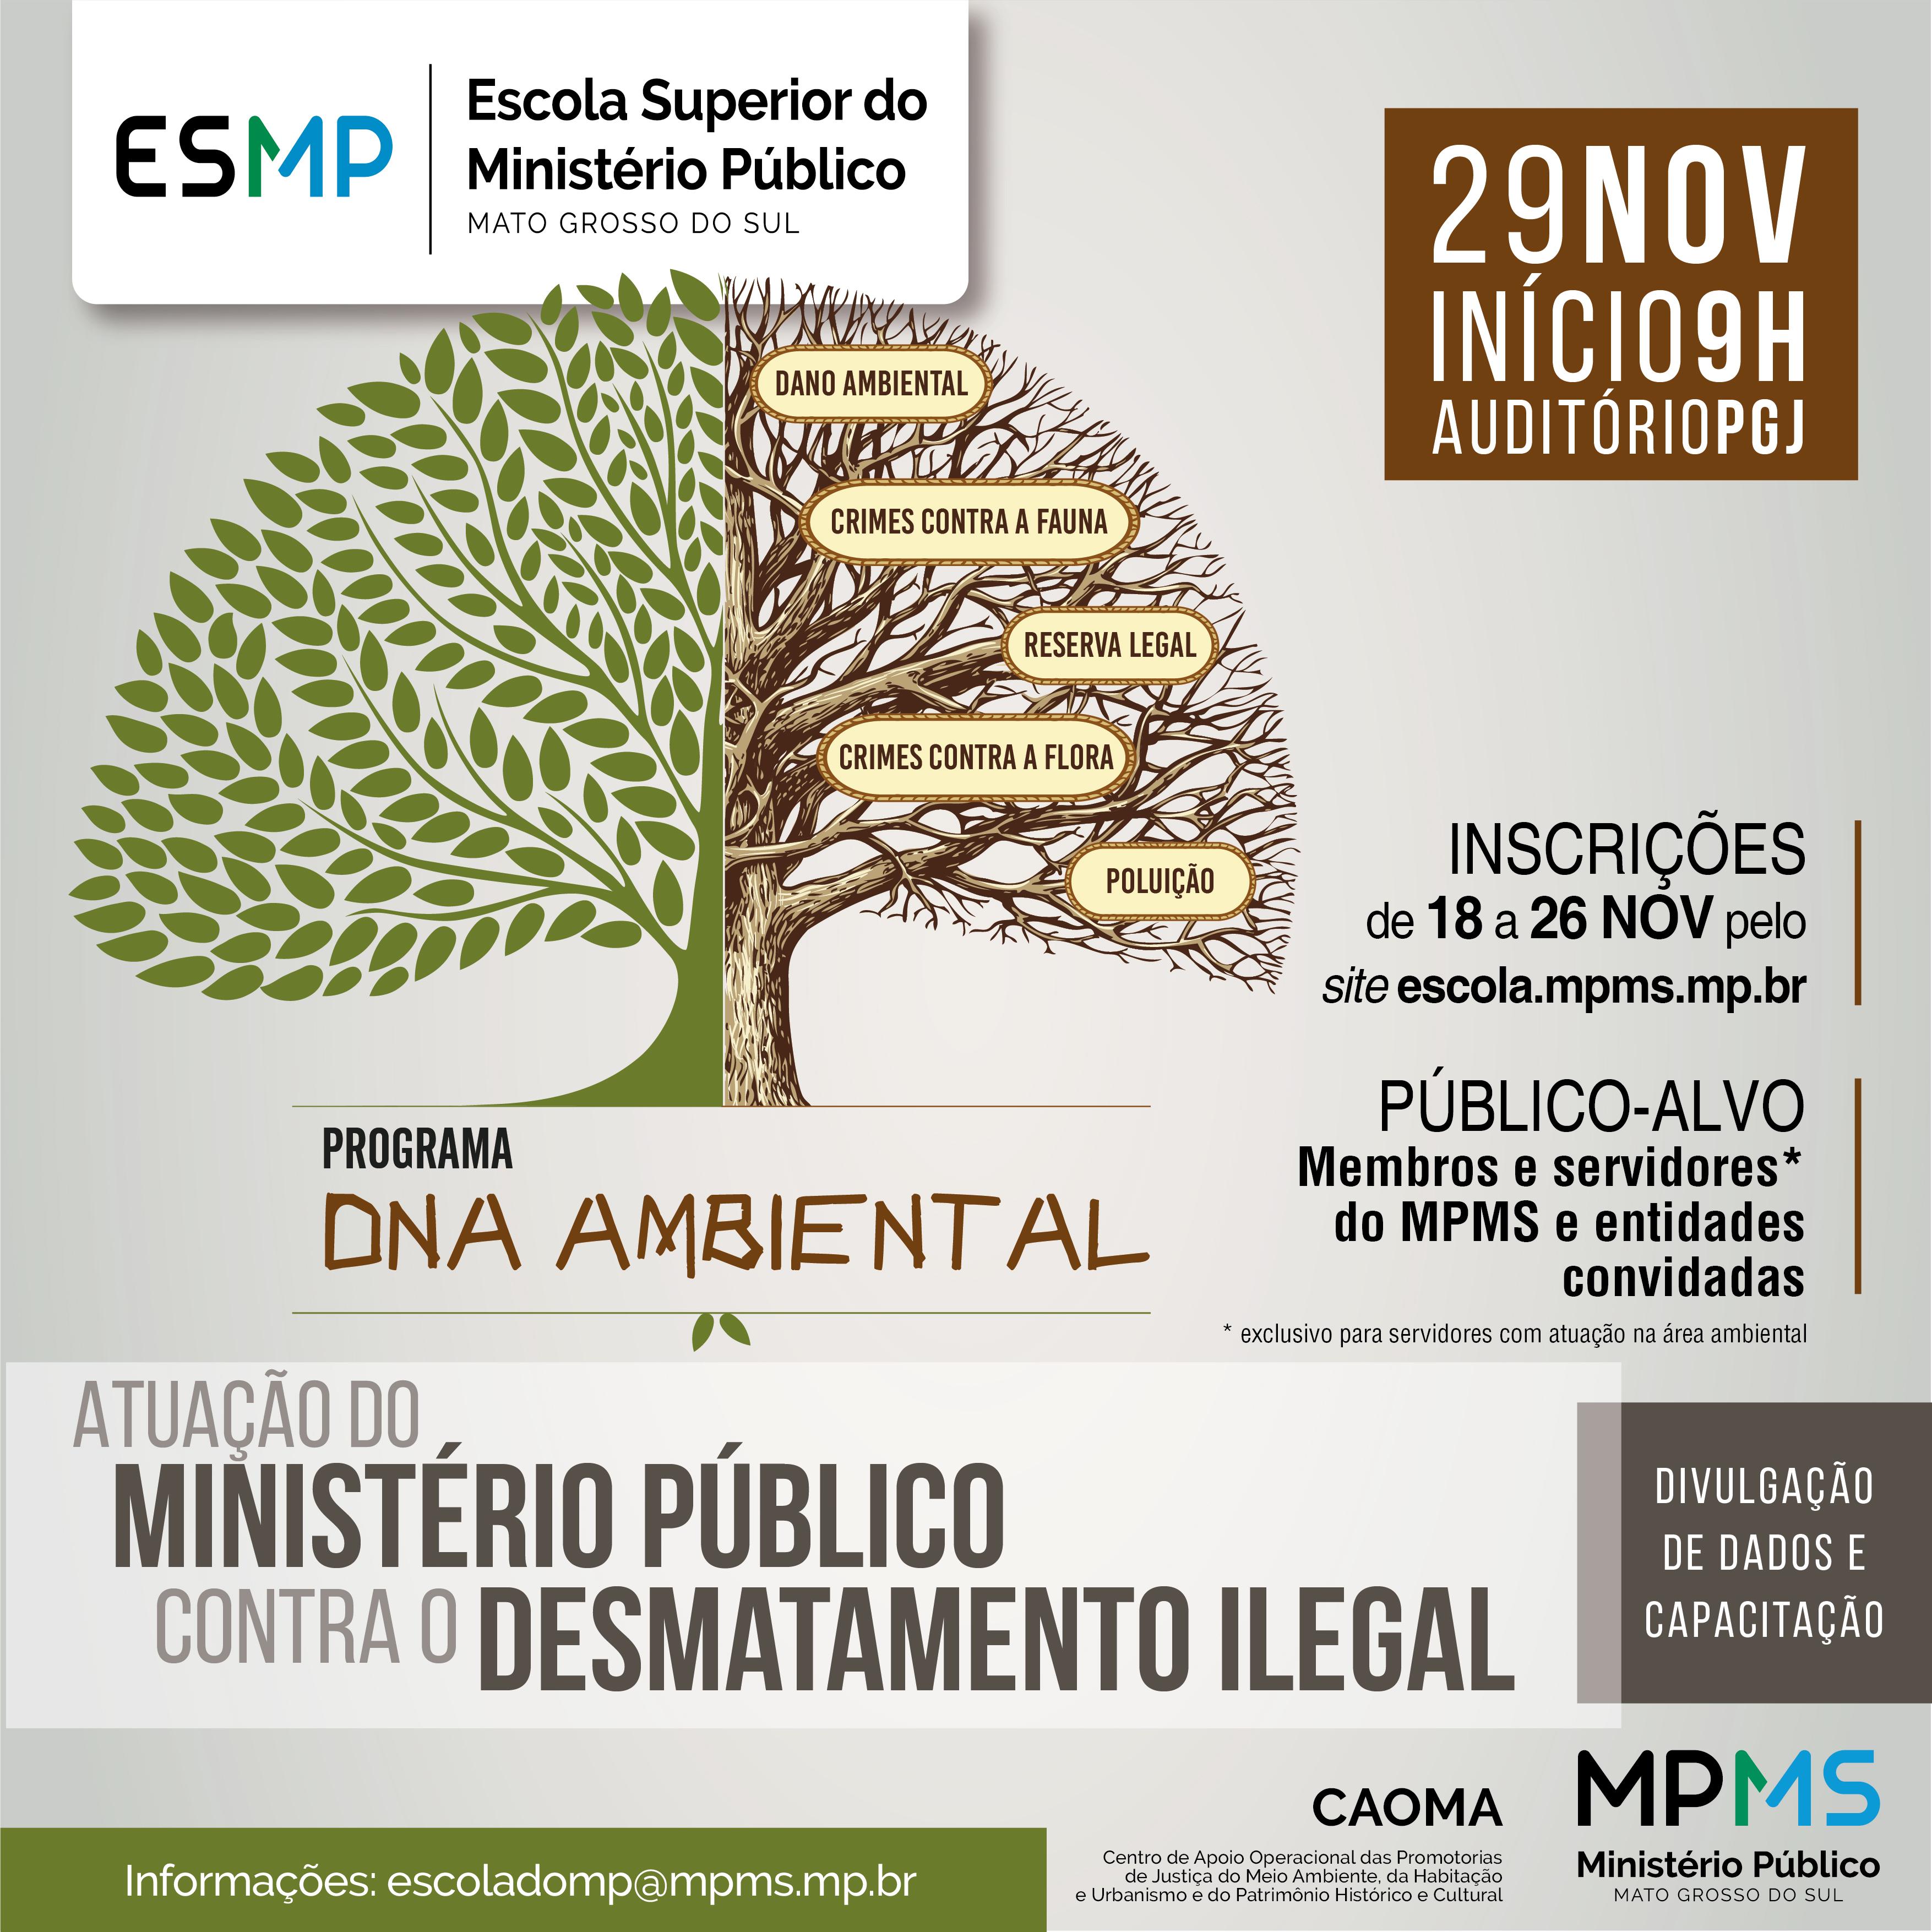 Atuação do Ministério Público contra o Desmatamento Ilegal